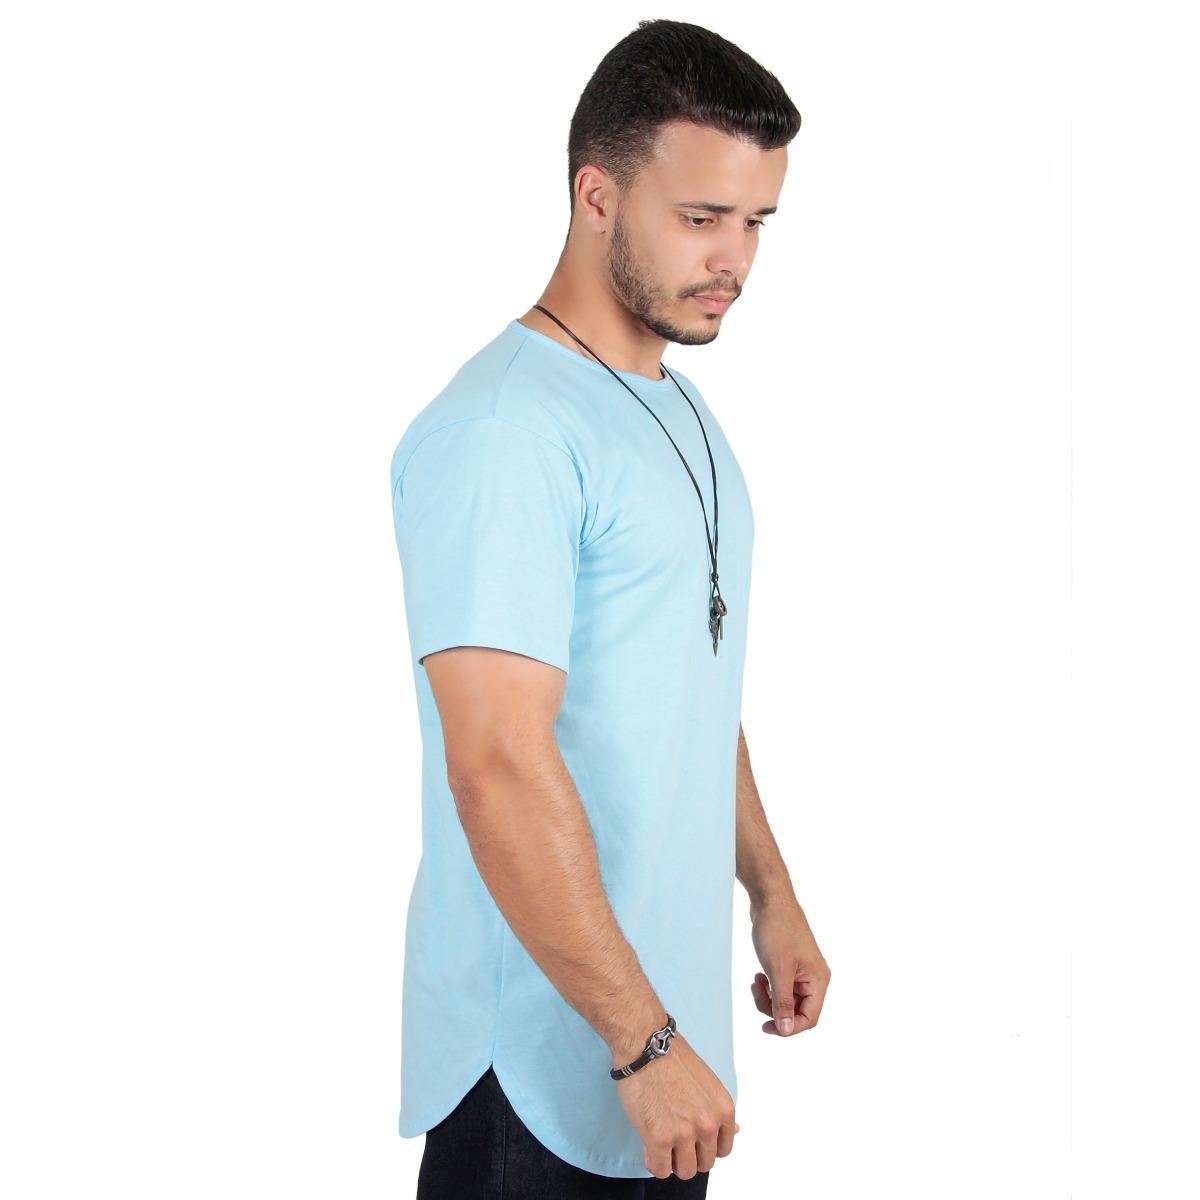 65d77a0536e5a kit com 6 blusas camisetas roupas masculinas da moda atual. Carregando zoom.